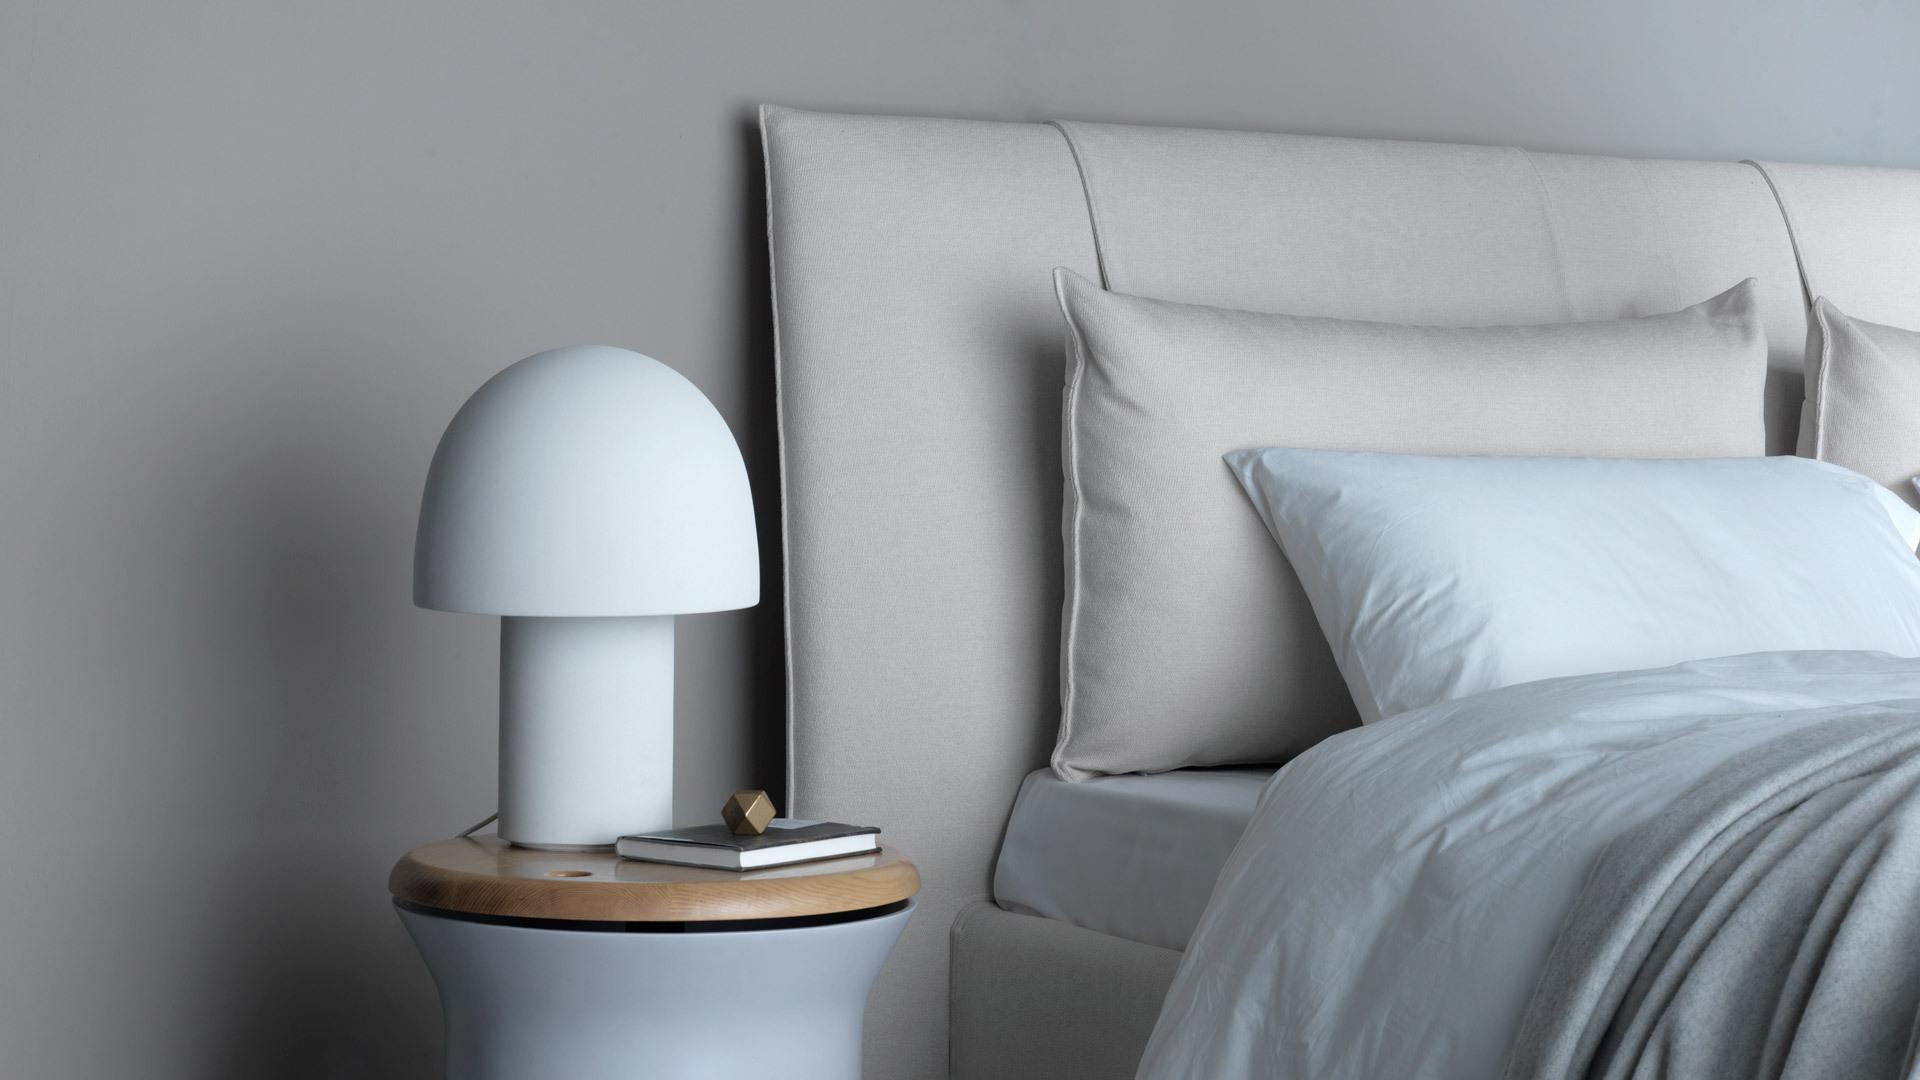 大号台灯,开阔卧室的优美床头灯